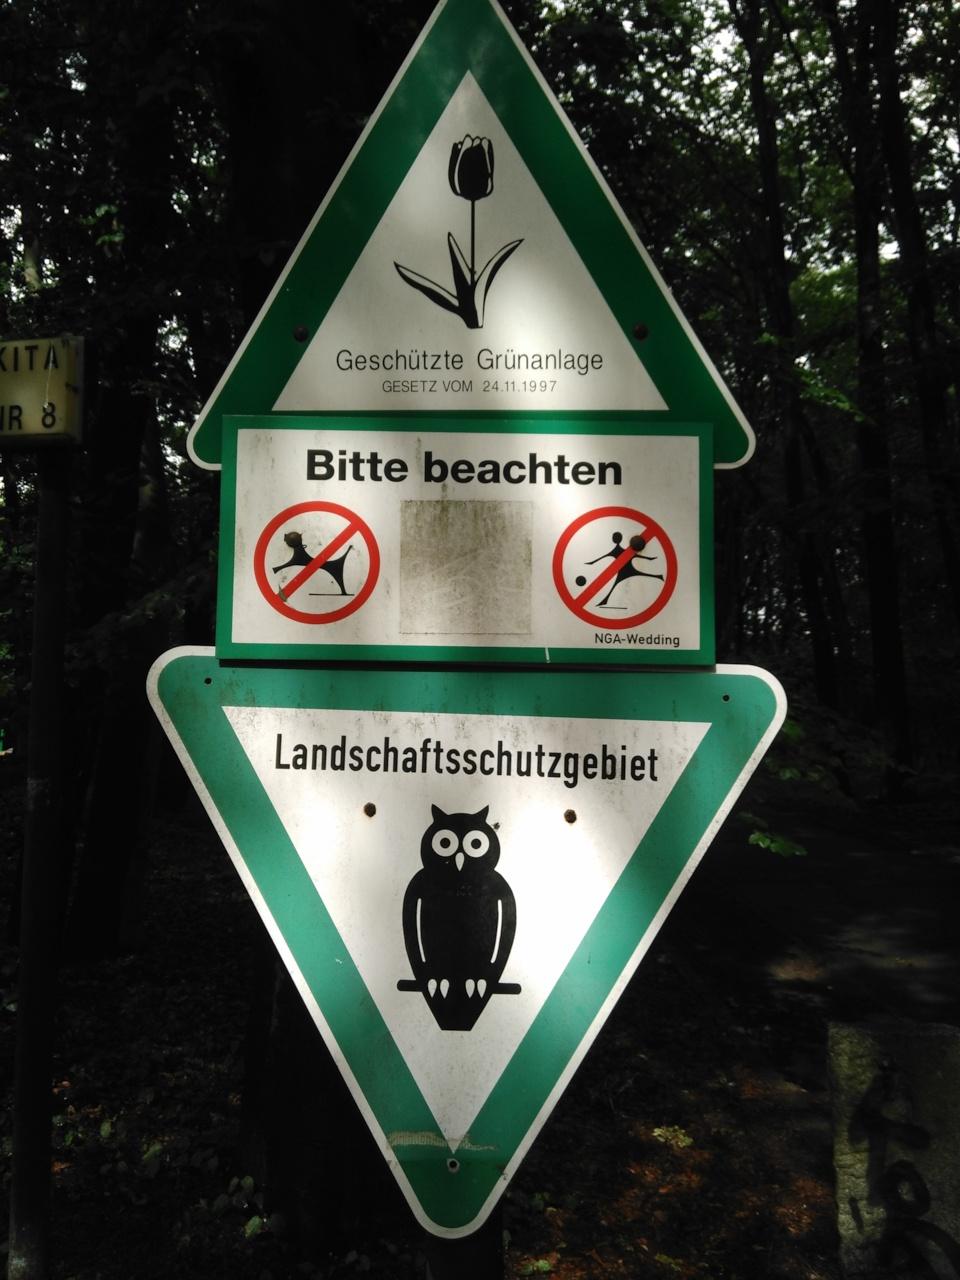 Schild geschützte Grünanlage Landschaftsschutzgebiet